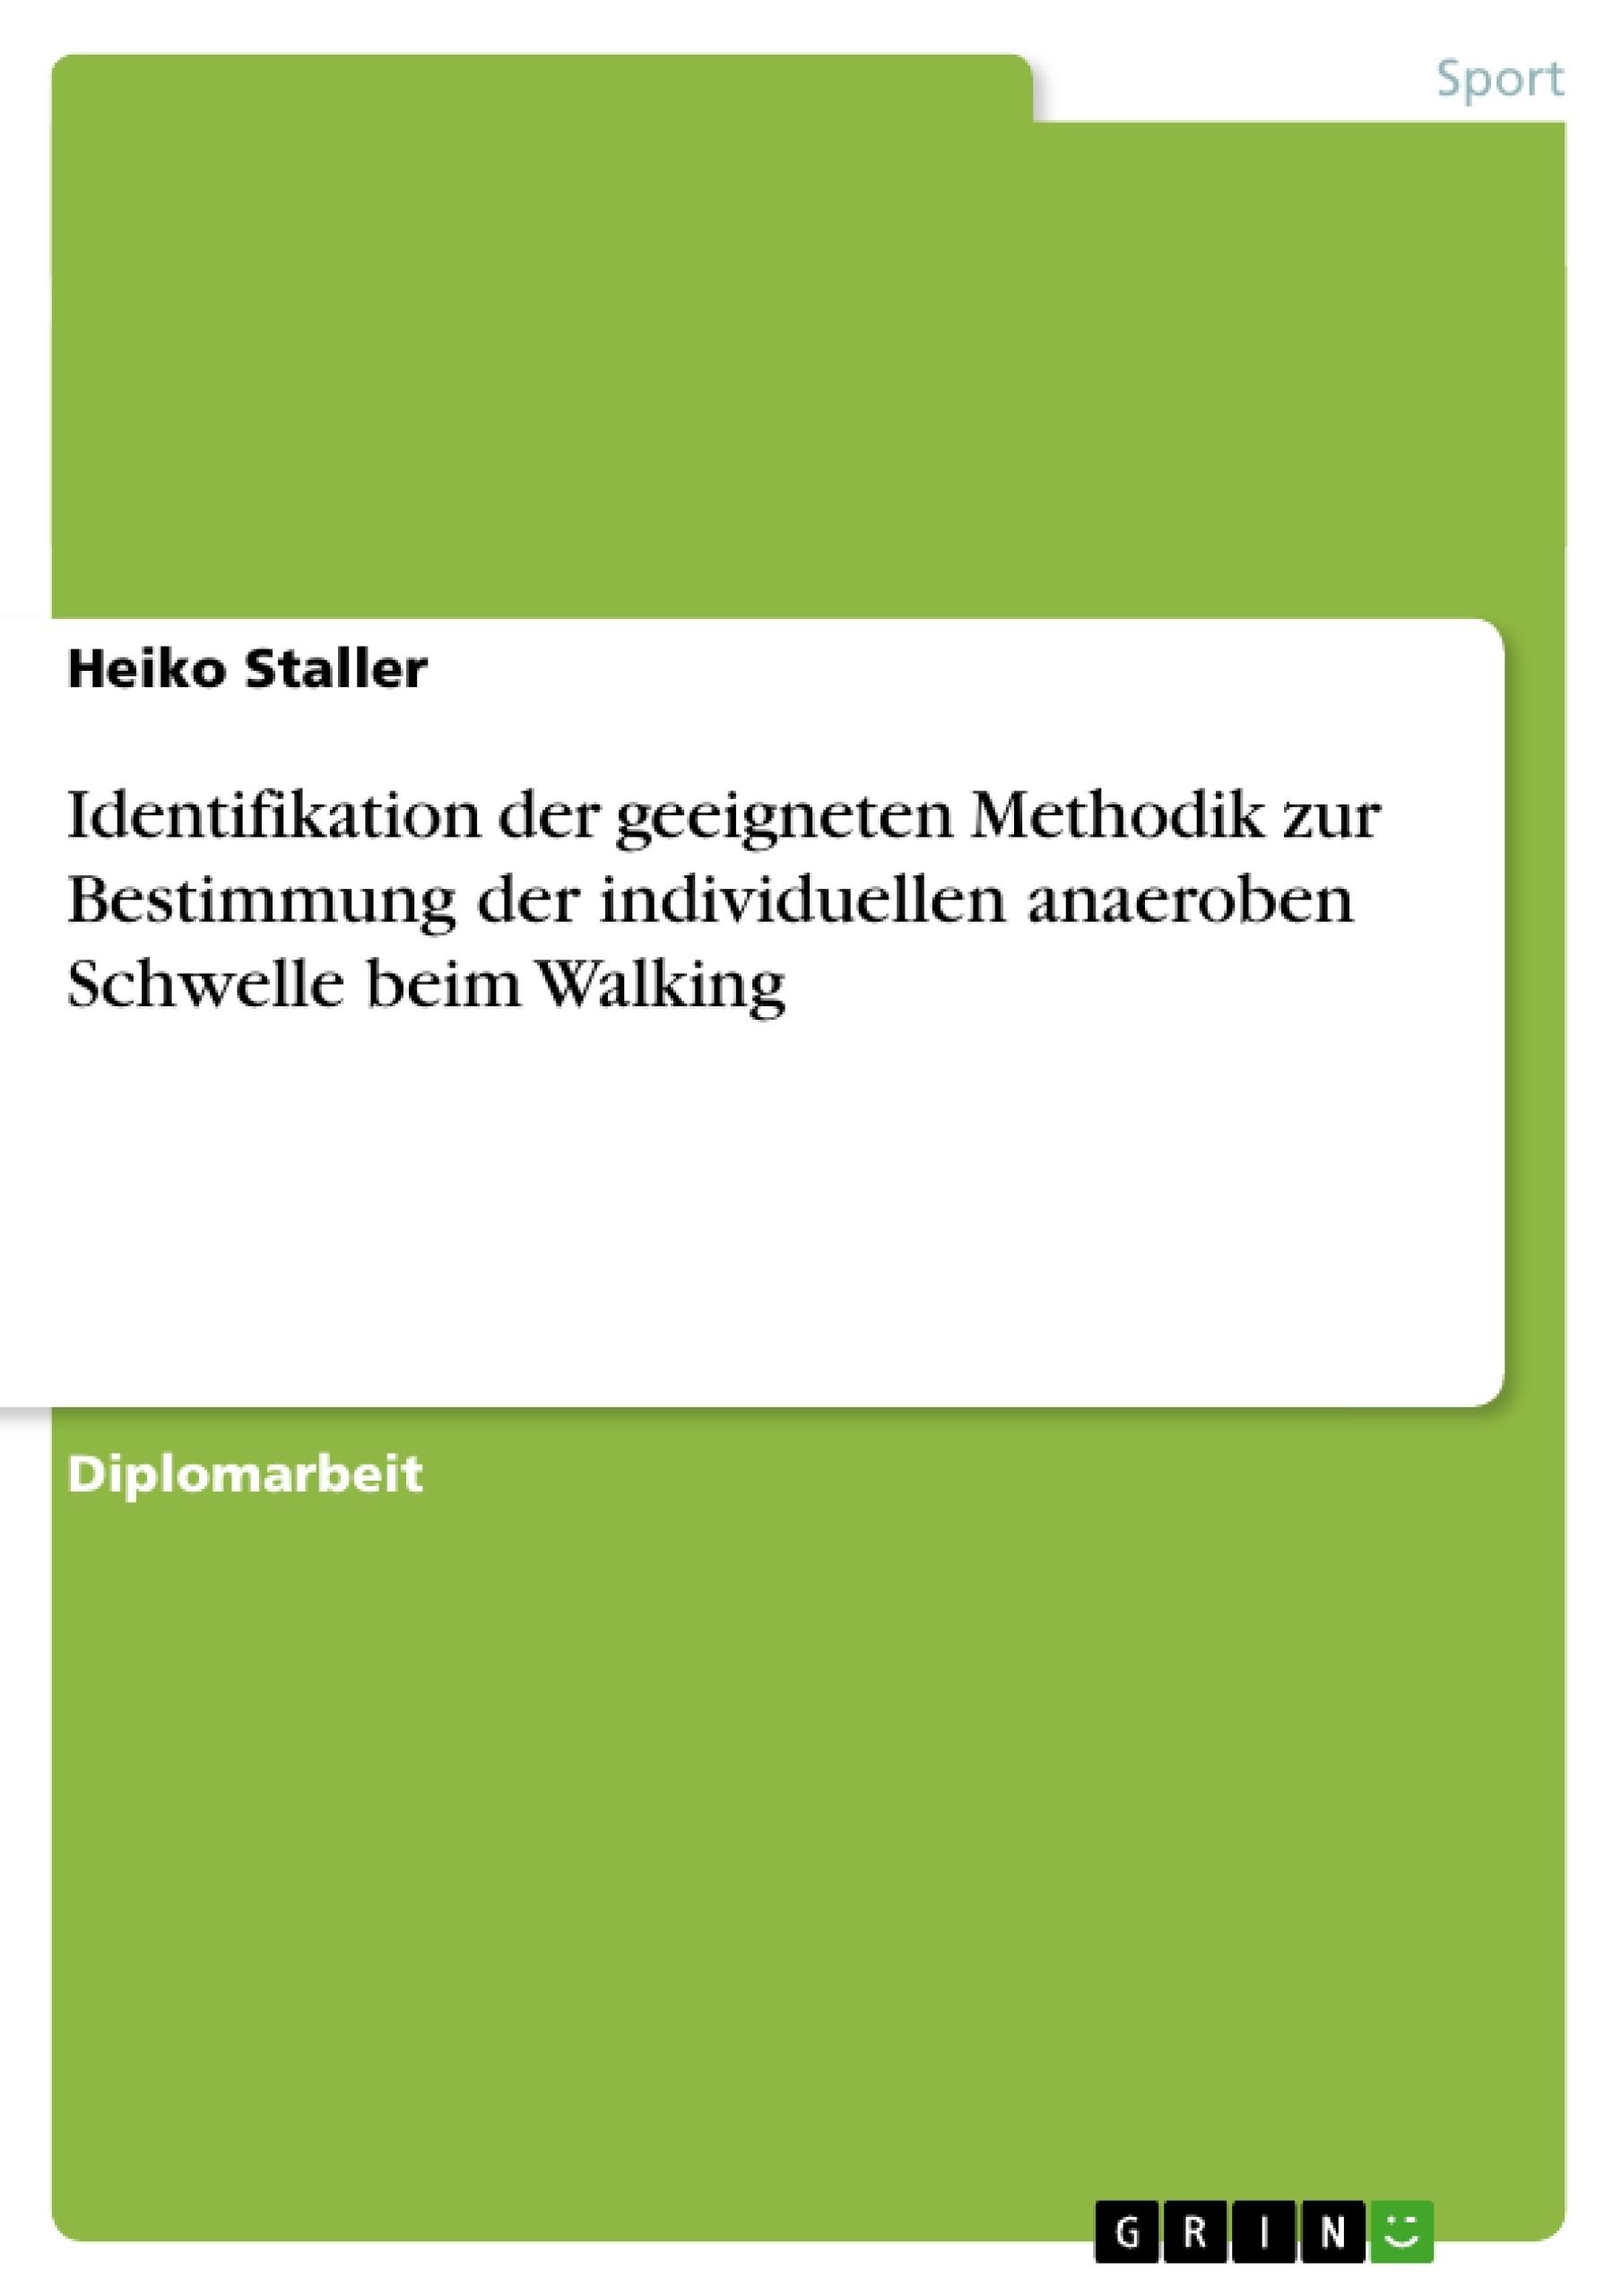 Titel: Identifikation der geeigneten Methodik zur Bestimmung der individuellen anaeroben Schwelle beim Walking